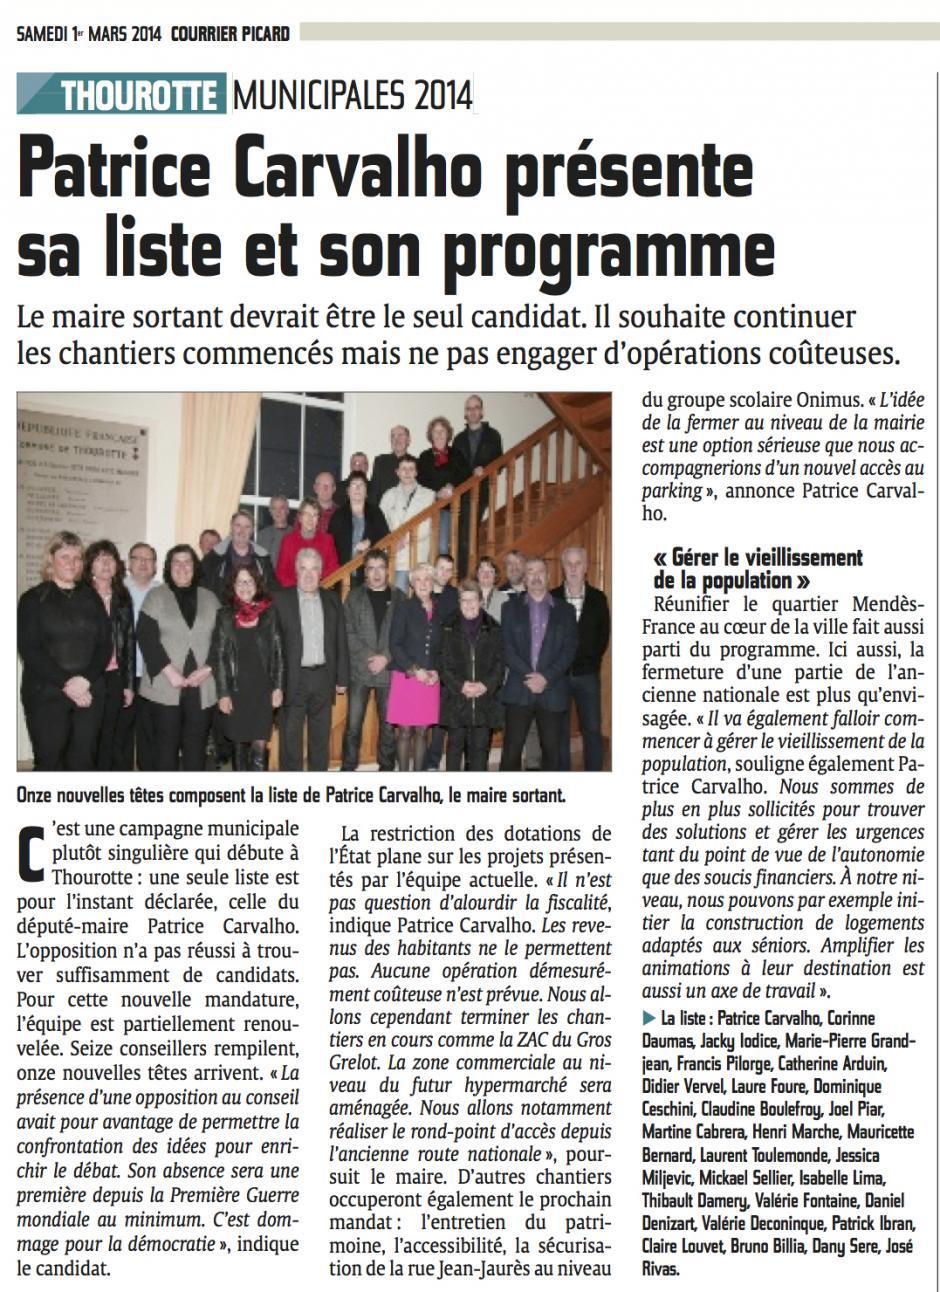 20140301-CP-Thourotte-M2014-Patrice Carvalho présente sa liste et son programme